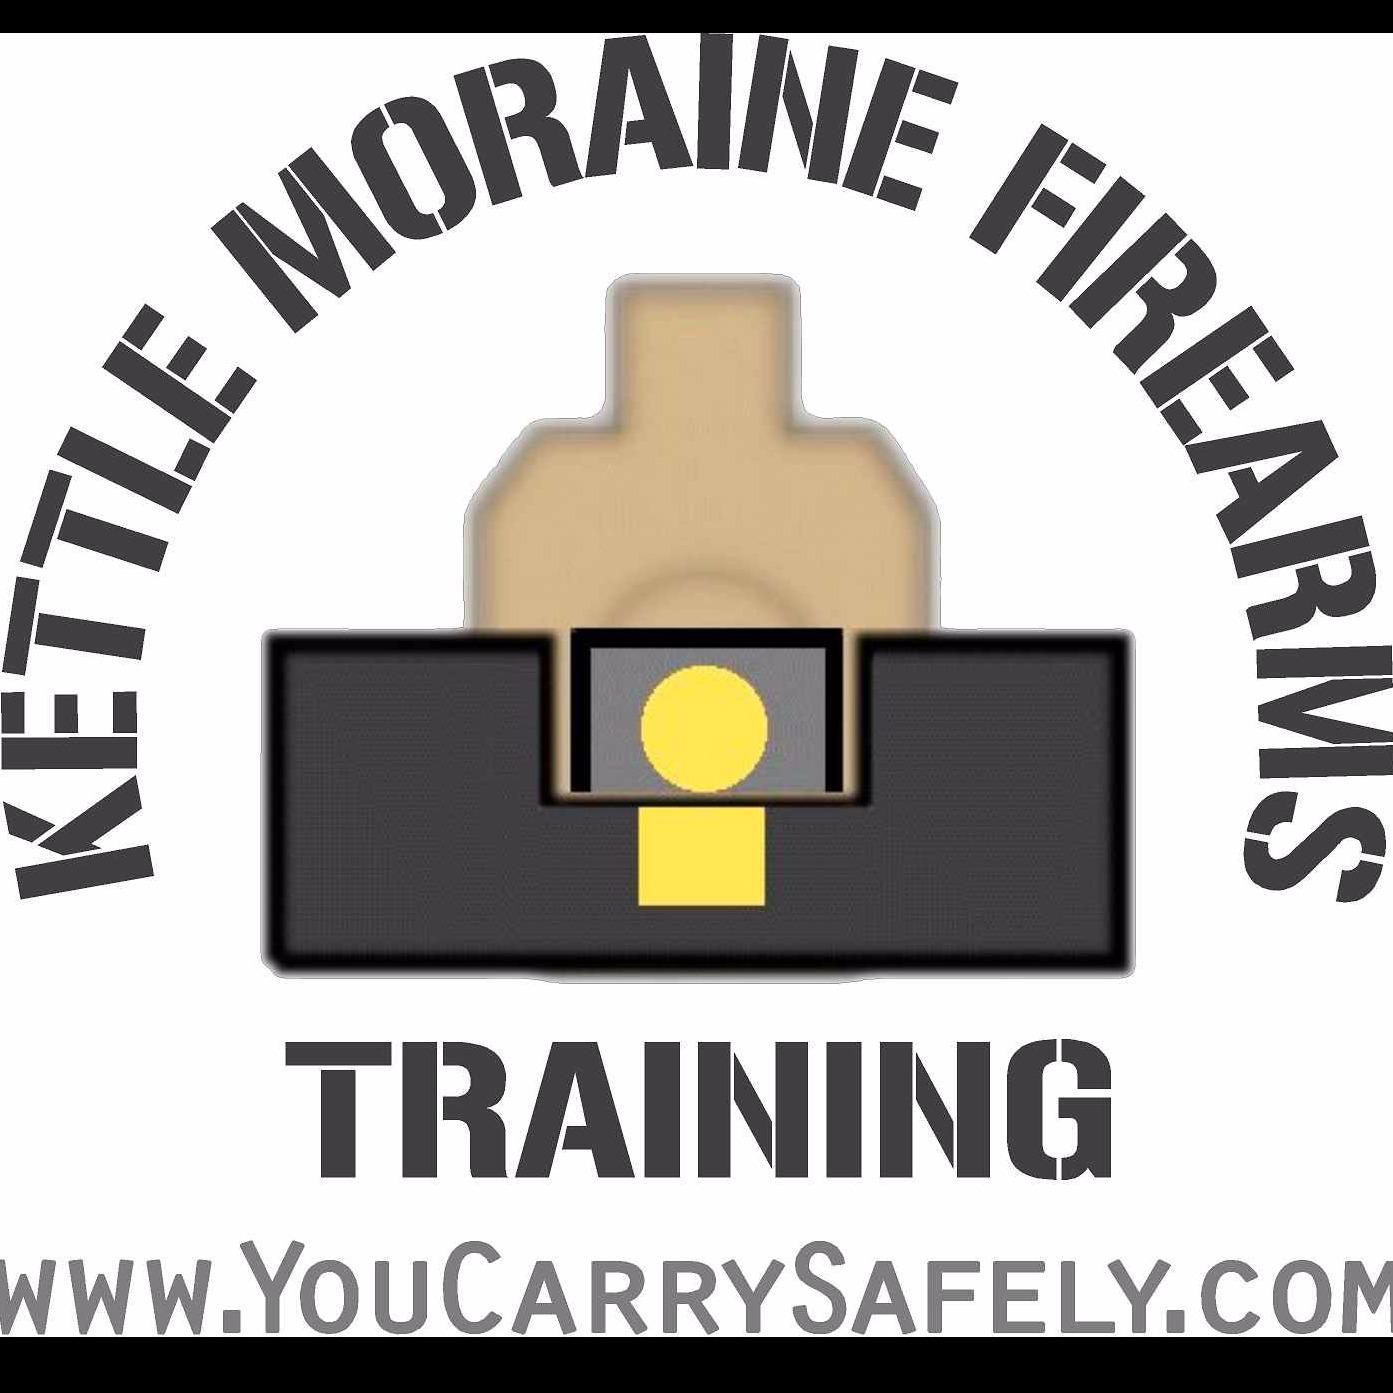 Kettle Moraine Firearms Training